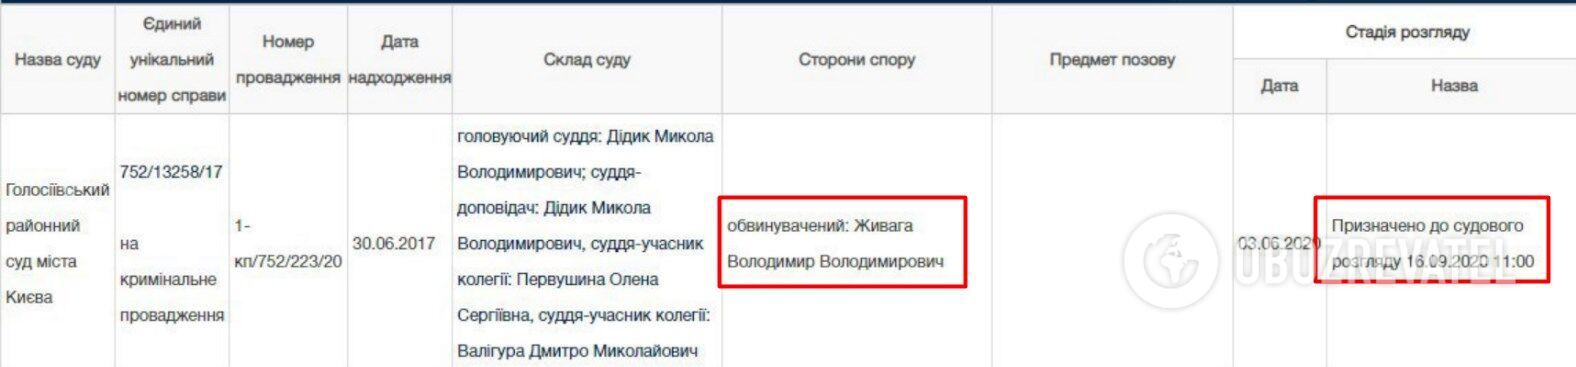 Владимир Живага предстанет пред еще одним судом